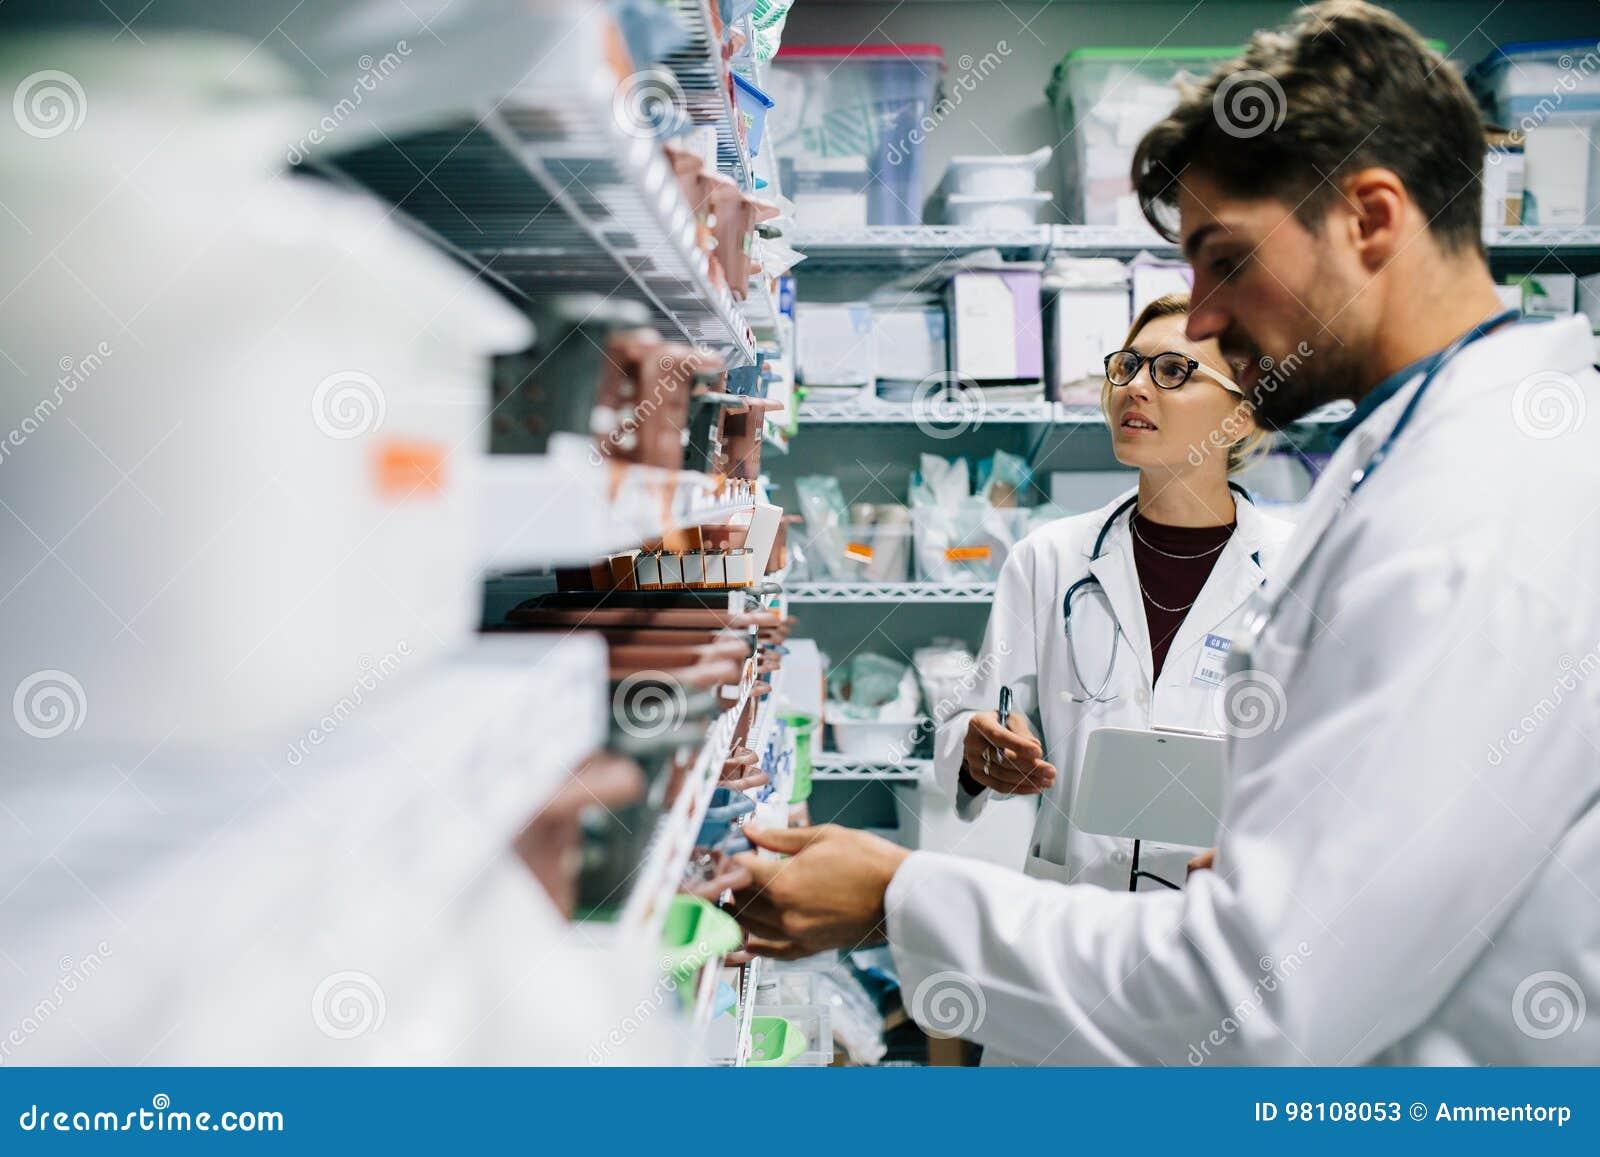 检查存货的药剂师在医院药房